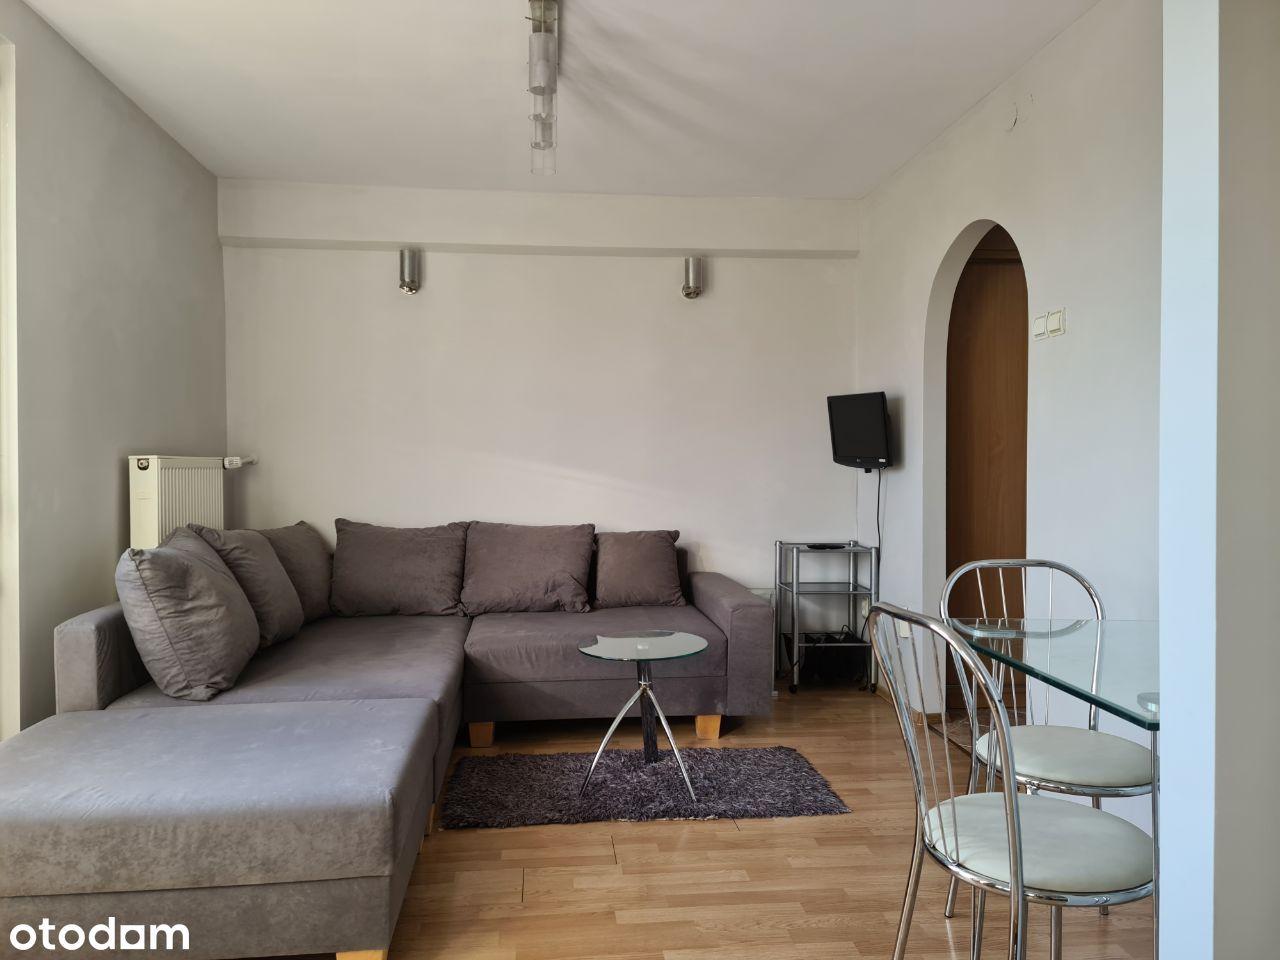 Mieszkanie na sprzedaż w centrum Krakowa.